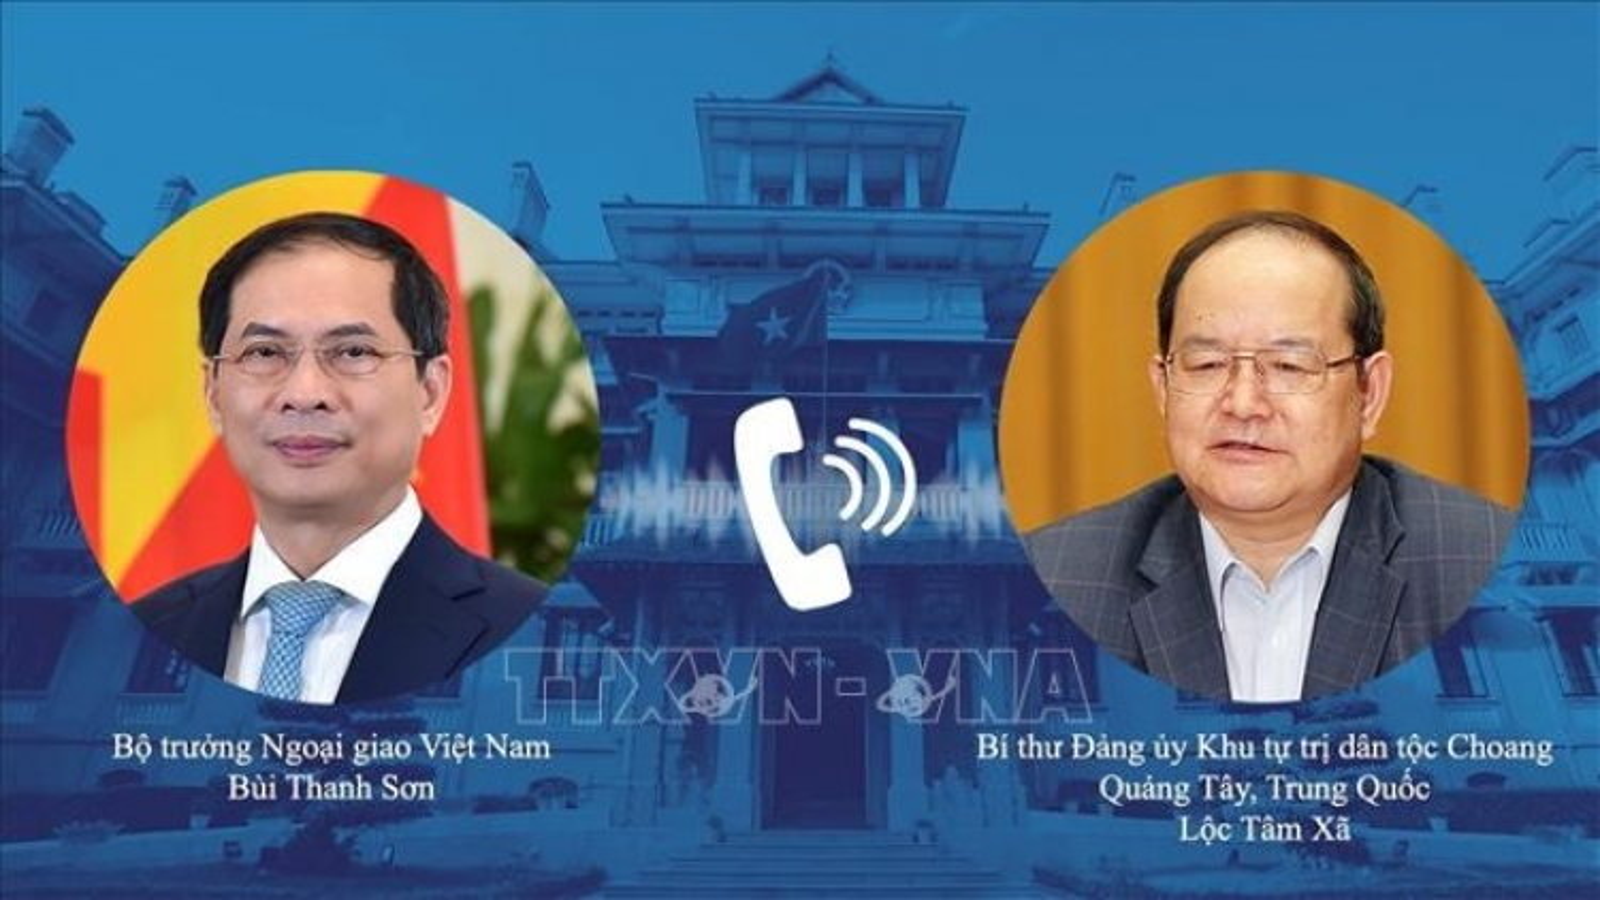 Bộ trưởng Ngoại giao Bùi Thanh Sơn điện đàm với Bí thư Quảng Tây, Trung Quốc